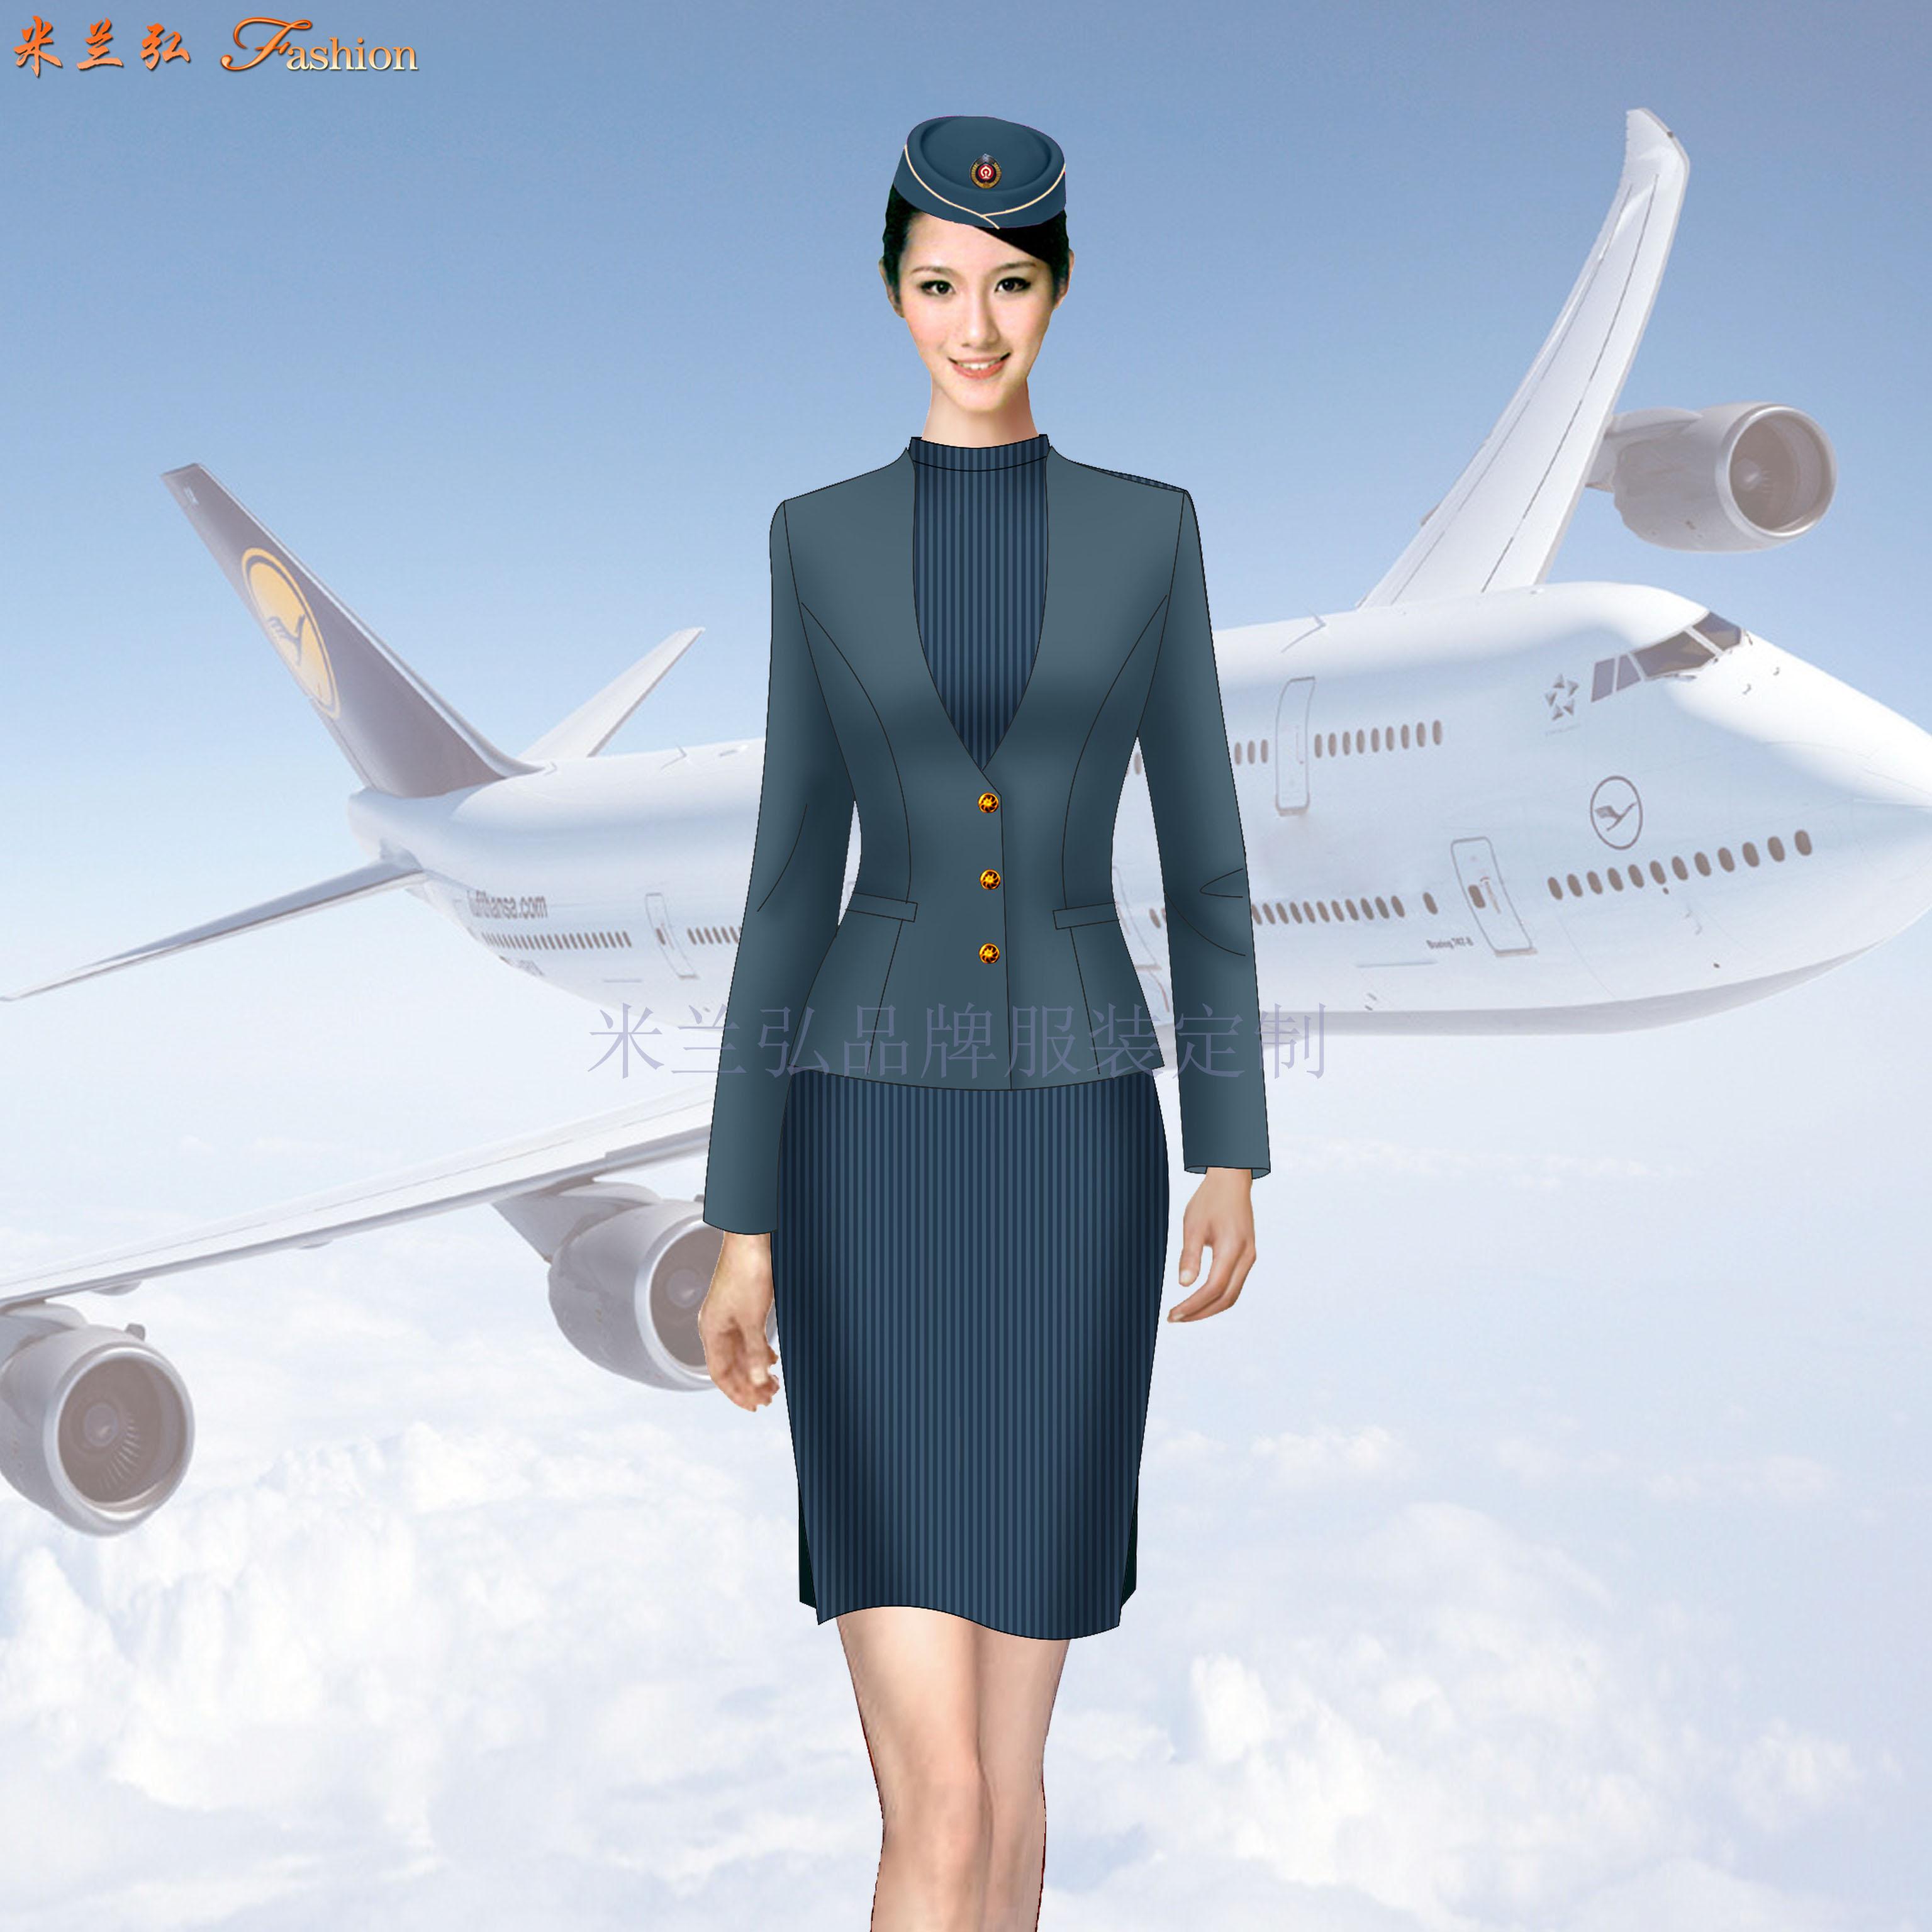 「遼寧空姐服定制」「沈陽空姐服定做」米蘭弘空姐服-1